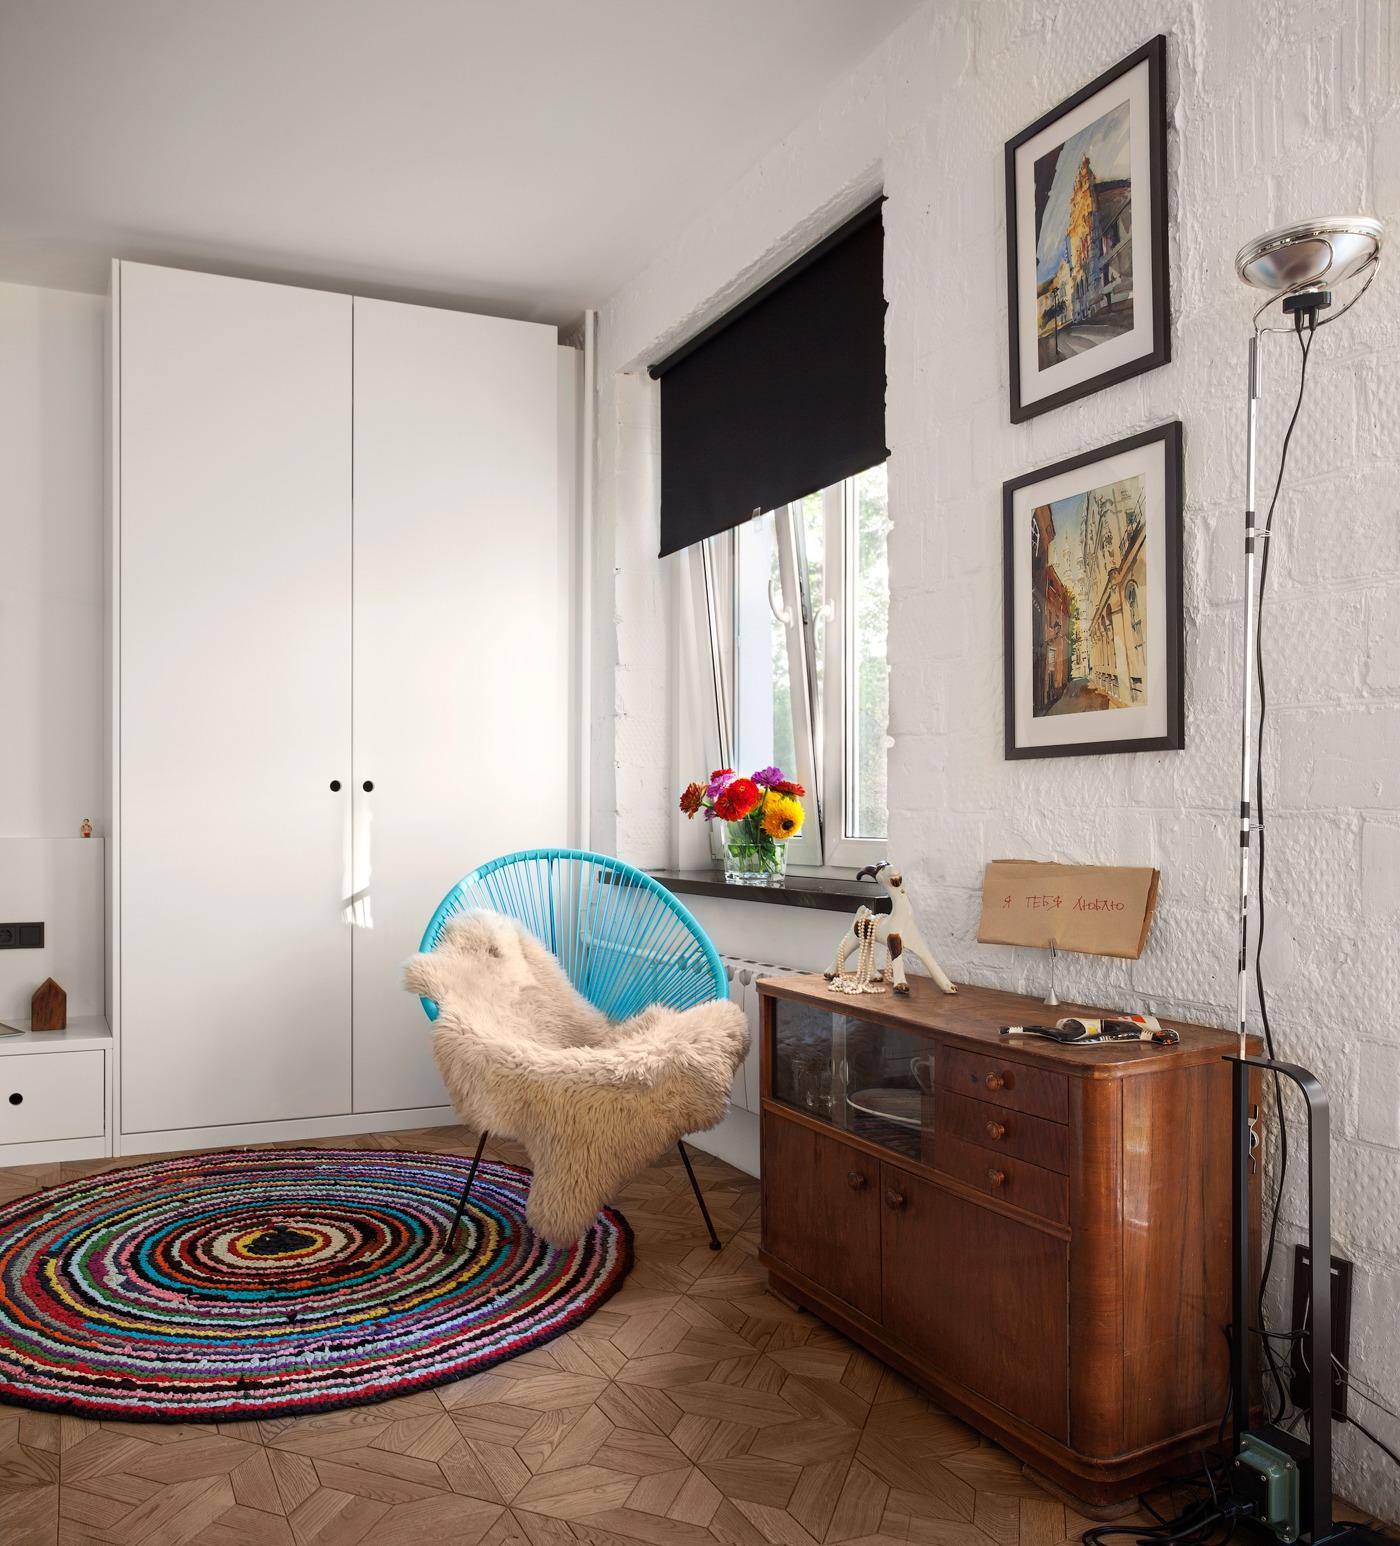 Оформление маленькой квартиры студии в чёрно-белом цвете - фото 4